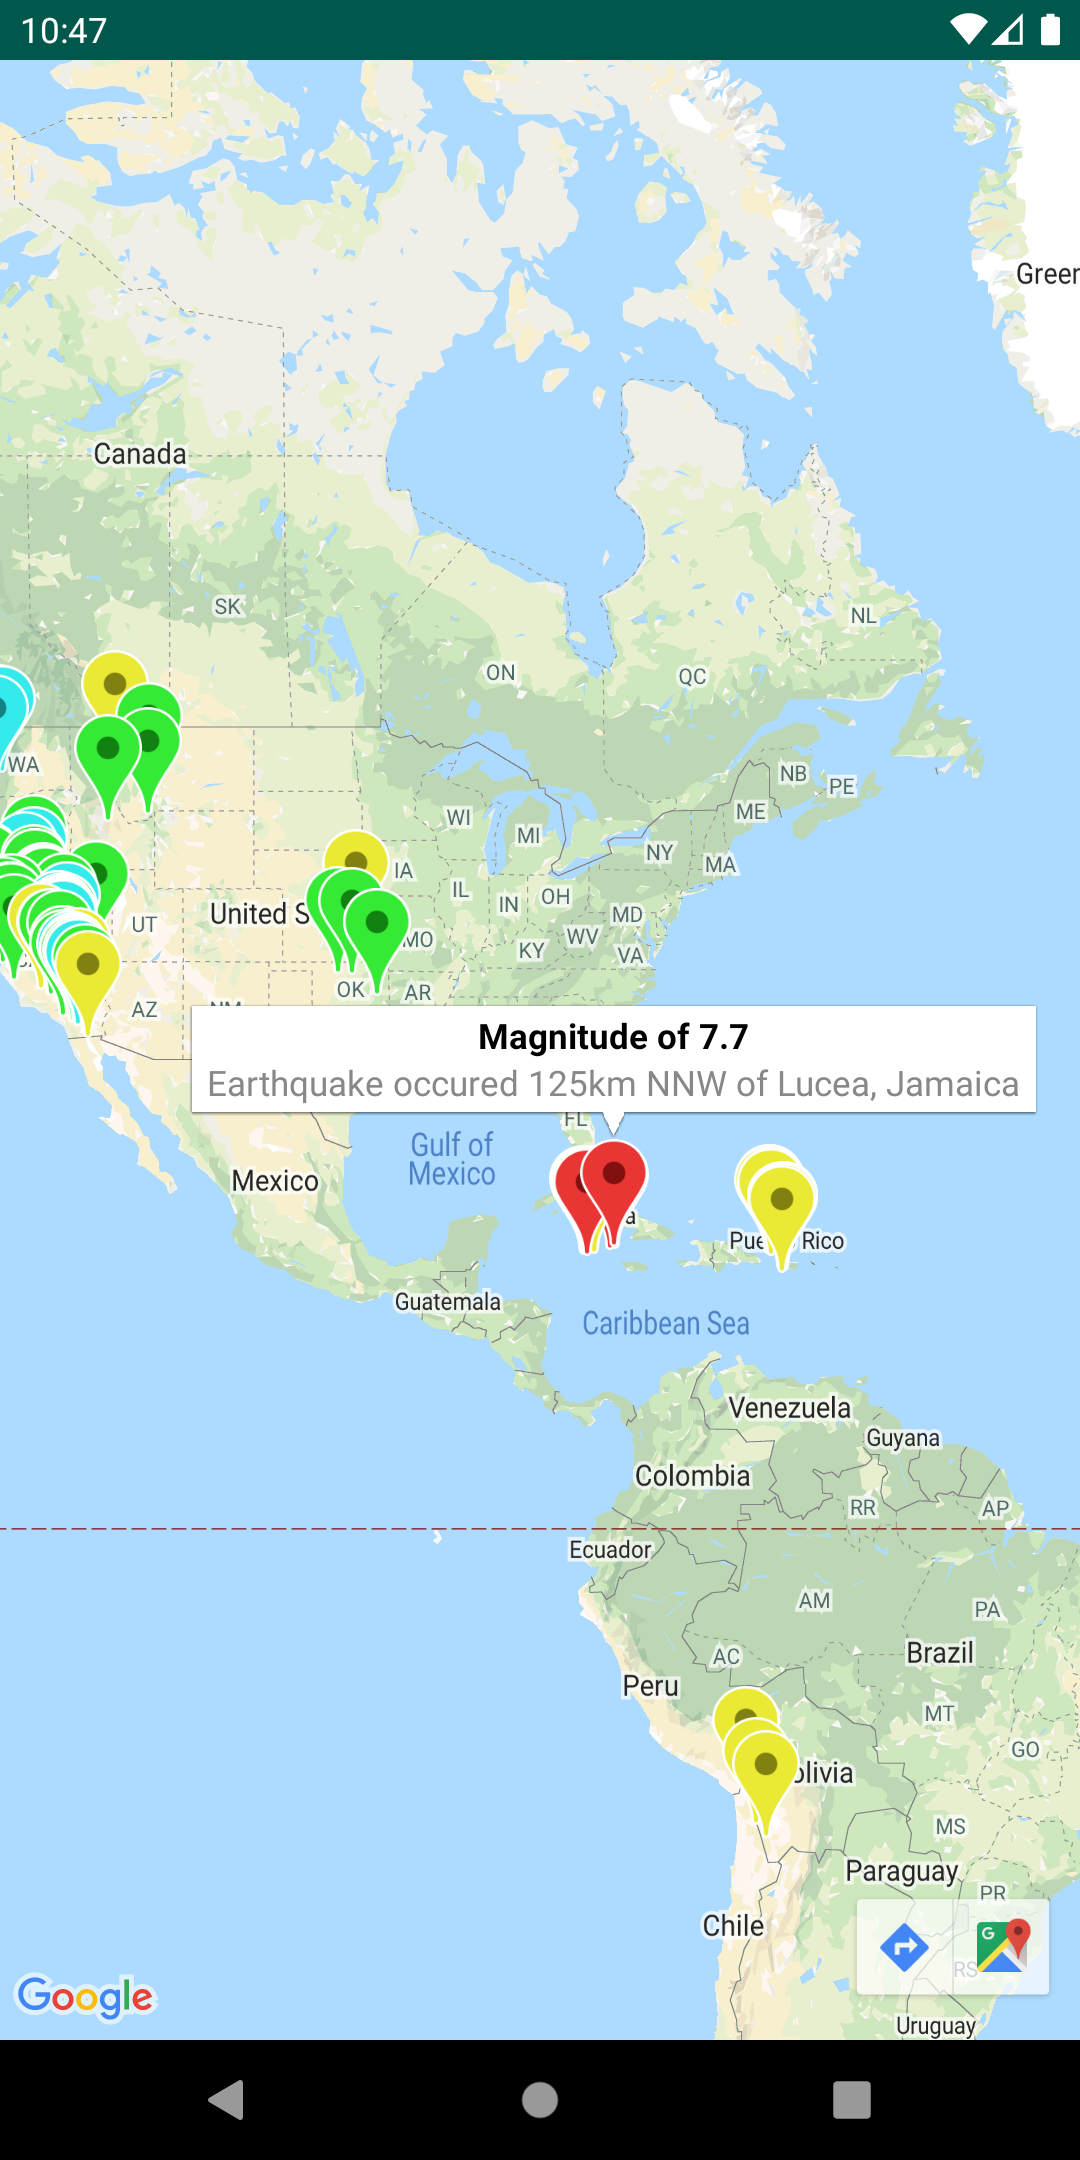 一幅包含 GeoJSON 叠层的地图